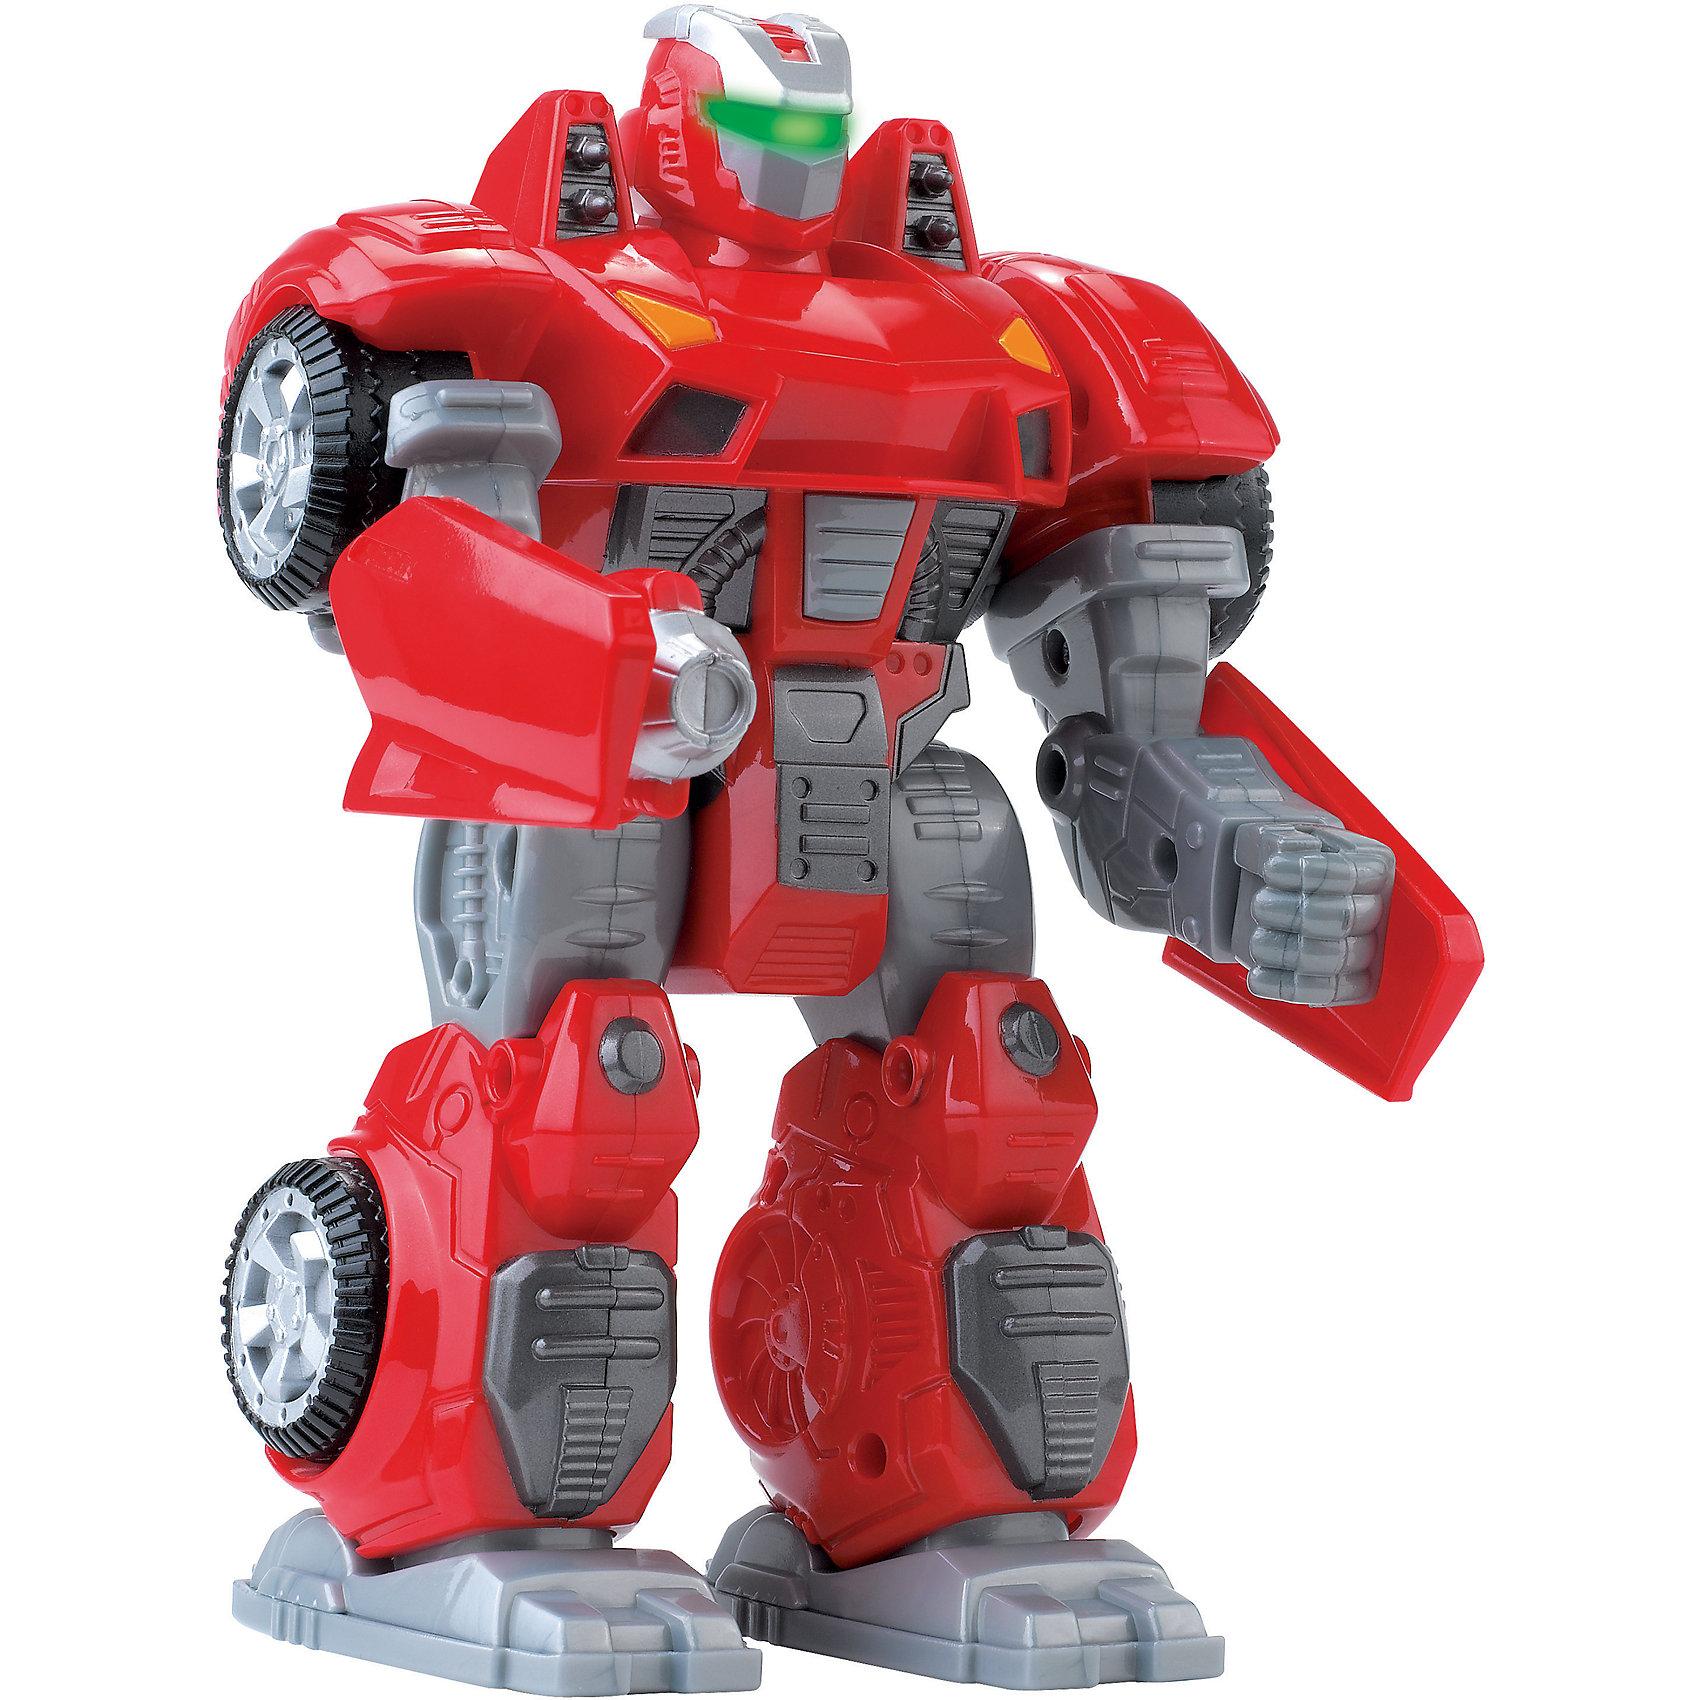 Робот трансформер красный, HAP-P-KIDРобот трансформер от HAP-P-KID классный подарок юному любителю робототехники!  Ребенок очень заинтересуется этим роботом, ведь с помощью него можно придумать так много захватывающих сюжетов. Робот выполнен из качественных материалов, у него прочная броня и в руки ему можно вставить оружие. Робот ходит, двигает головой и руками, а самое главное у него светятся глаза, что делает его еще более угрожающим. Устраивать битвы с таким бойцом одно удовольствие! Собирайтесь с друзьями и решайте чей робот самый сильный! Игры с роботами развивают у мальчишек сообразительность и логическое мышление.<br><br>Дополнительная информация: <br><br>- Робот движется вперед, двигает руками и головой;<br>- Трансформируется в машину;<br>- Светятся глаза;<br>- Работает от батареек;<br>- Прекрасный подарок мальчишке;<br>- Цвет: красный;<br>- Размер упаковки: 13,3 х 9,9 х 20,3;<br>- Вес: 390 г<br><br>Робота трансформера красного, HAP-P-KID можно купить в нашем интернет-магазине<br><br>Ширина мм: 133<br>Глубина мм: 99<br>Высота мм: 203<br>Вес г: 390<br>Возраст от месяцев: 36<br>Возраст до месяцев: 84<br>Пол: Мужской<br>Возраст: Детский<br>SKU: 4001662